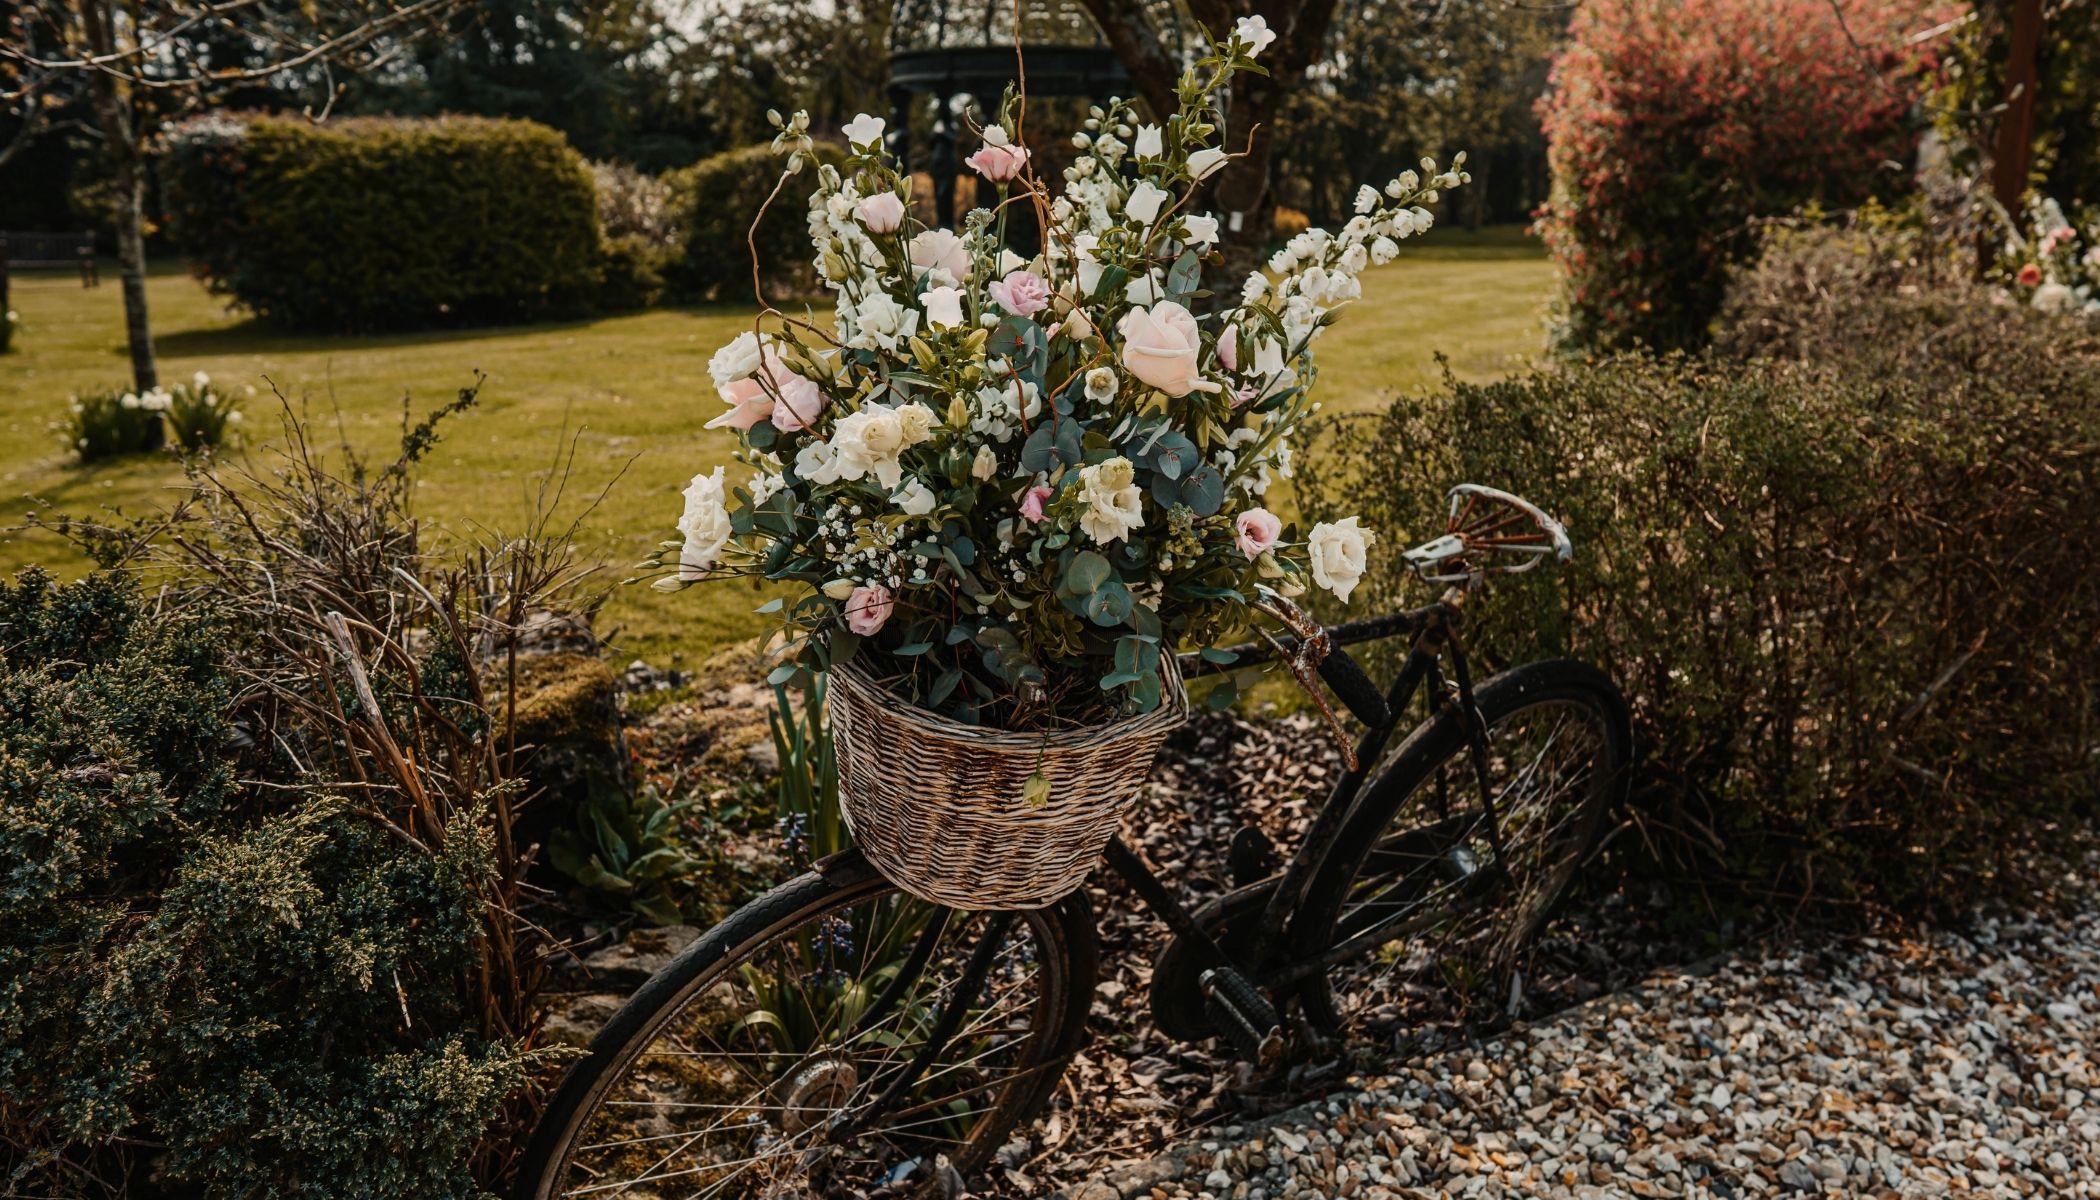 Weddings at Widbrook Grange